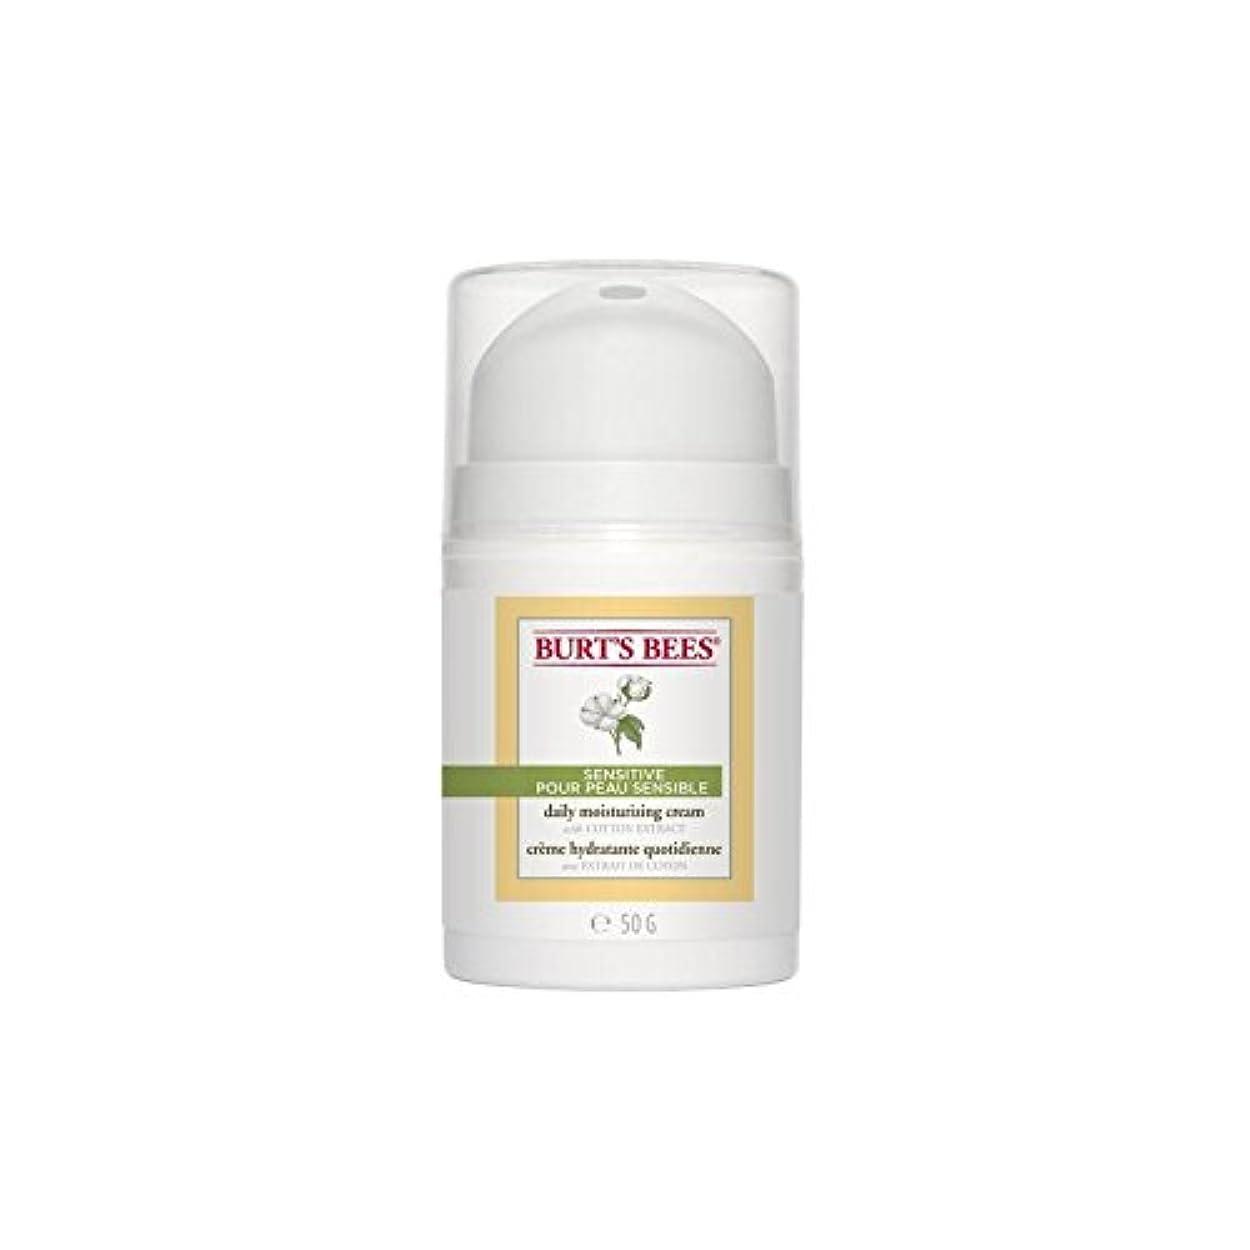 パスガイダンス高齢者バーツビー敏感毎日保湿クリーム50グラム x2 - Burt's Bees Sensitive Daily Moisturising Cream 50G (Pack of 2) [並行輸入品]